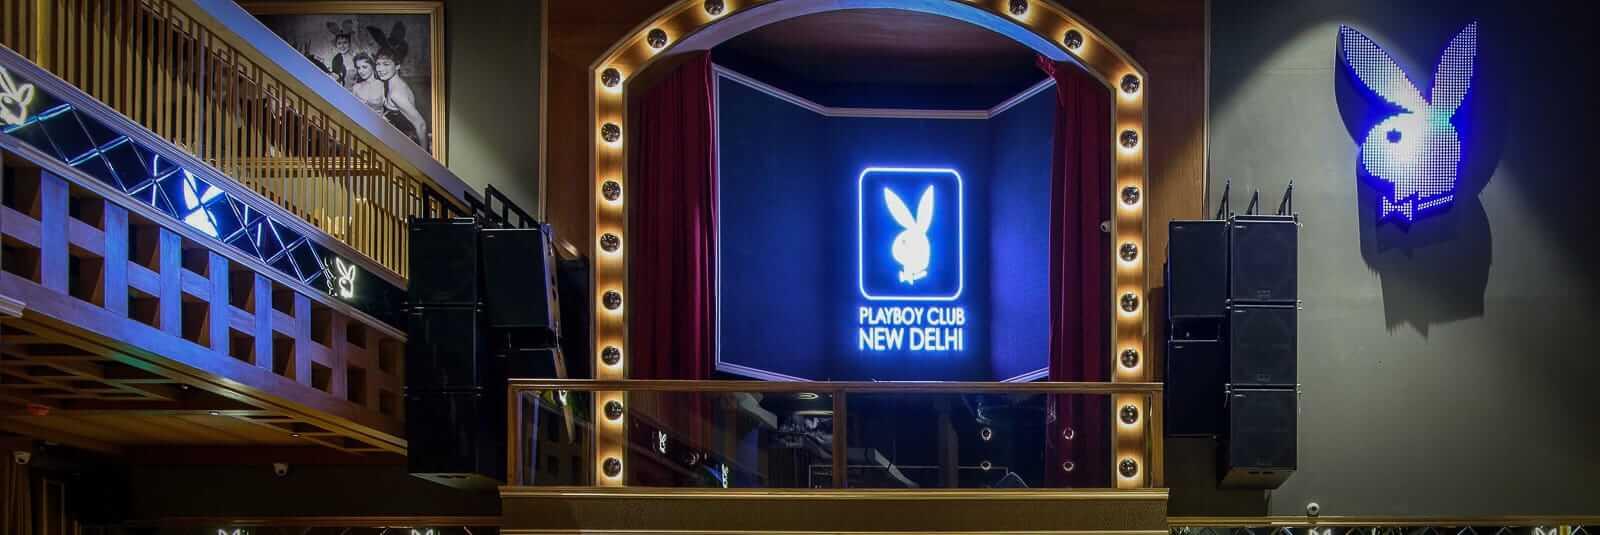 Playboy Club, New Delhi